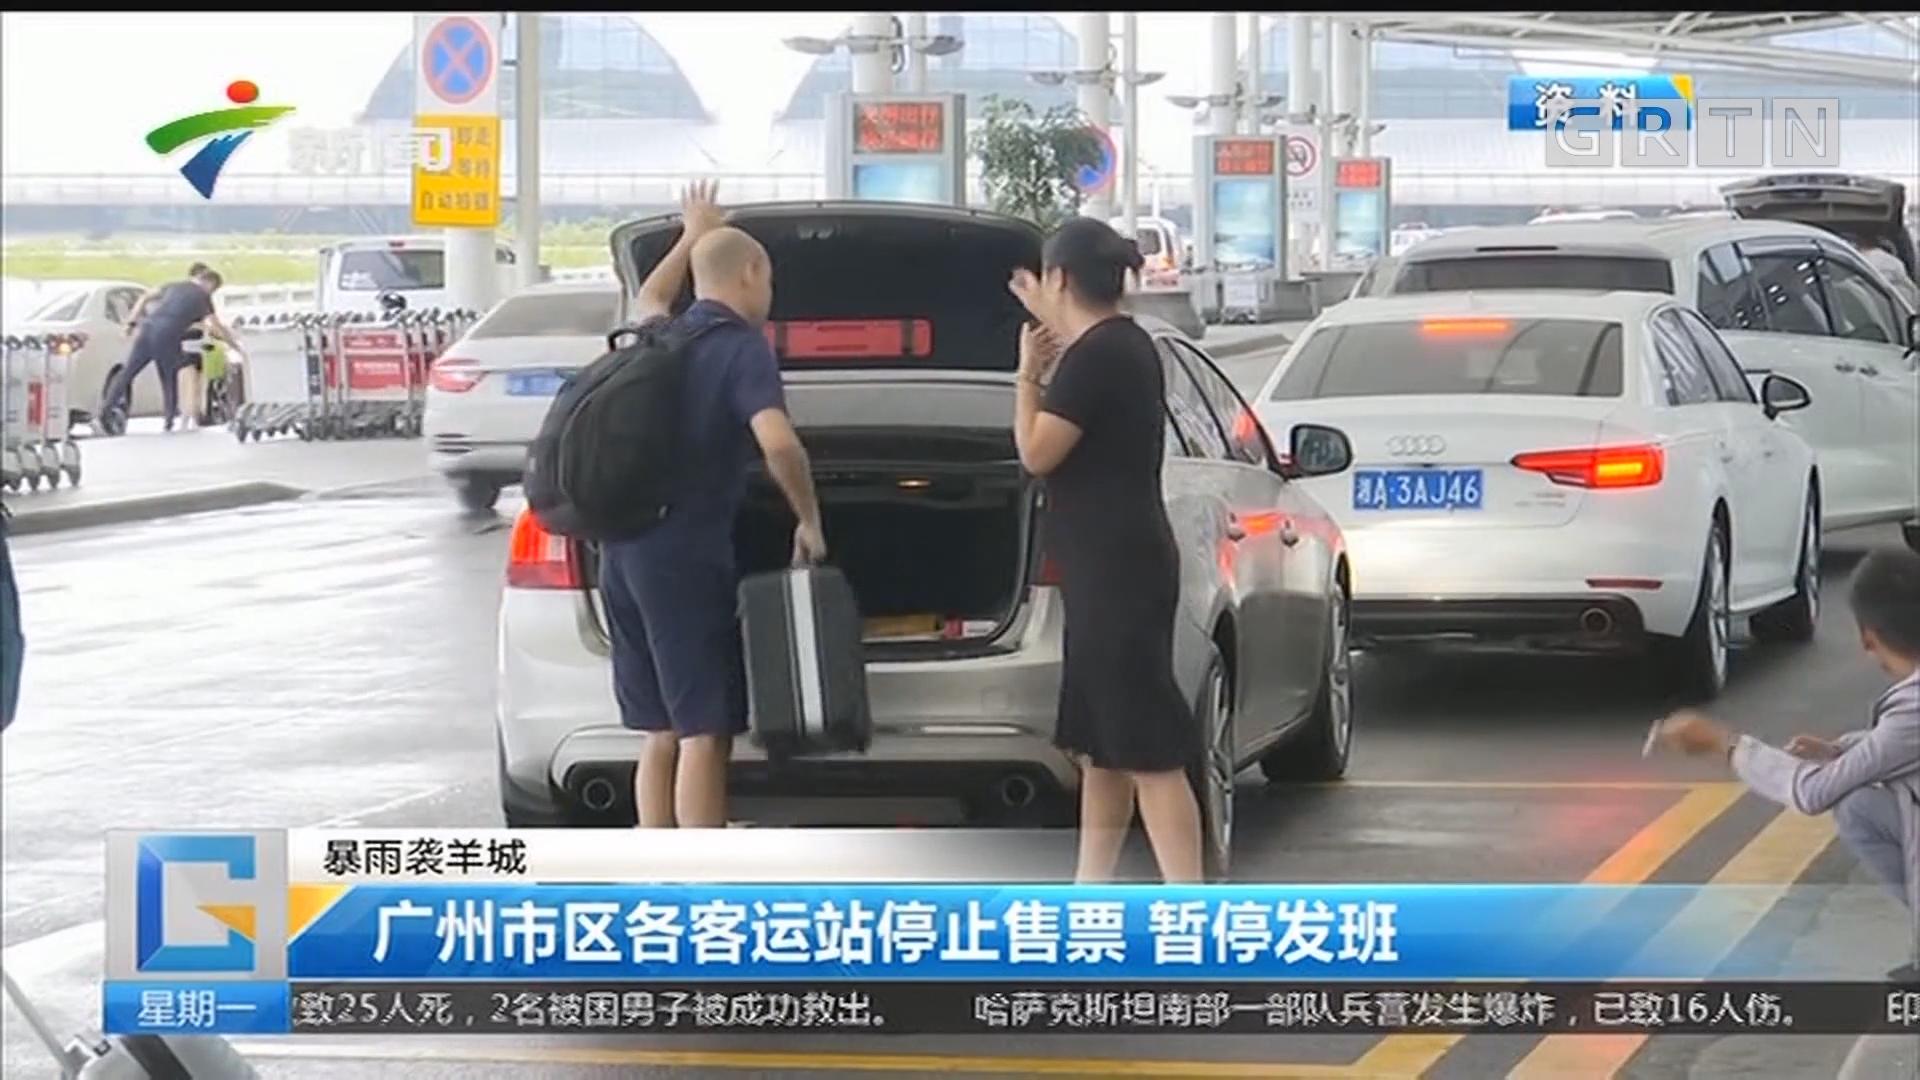 暴雨袭羊城:广州市区各客运站停止售票 暂停发班